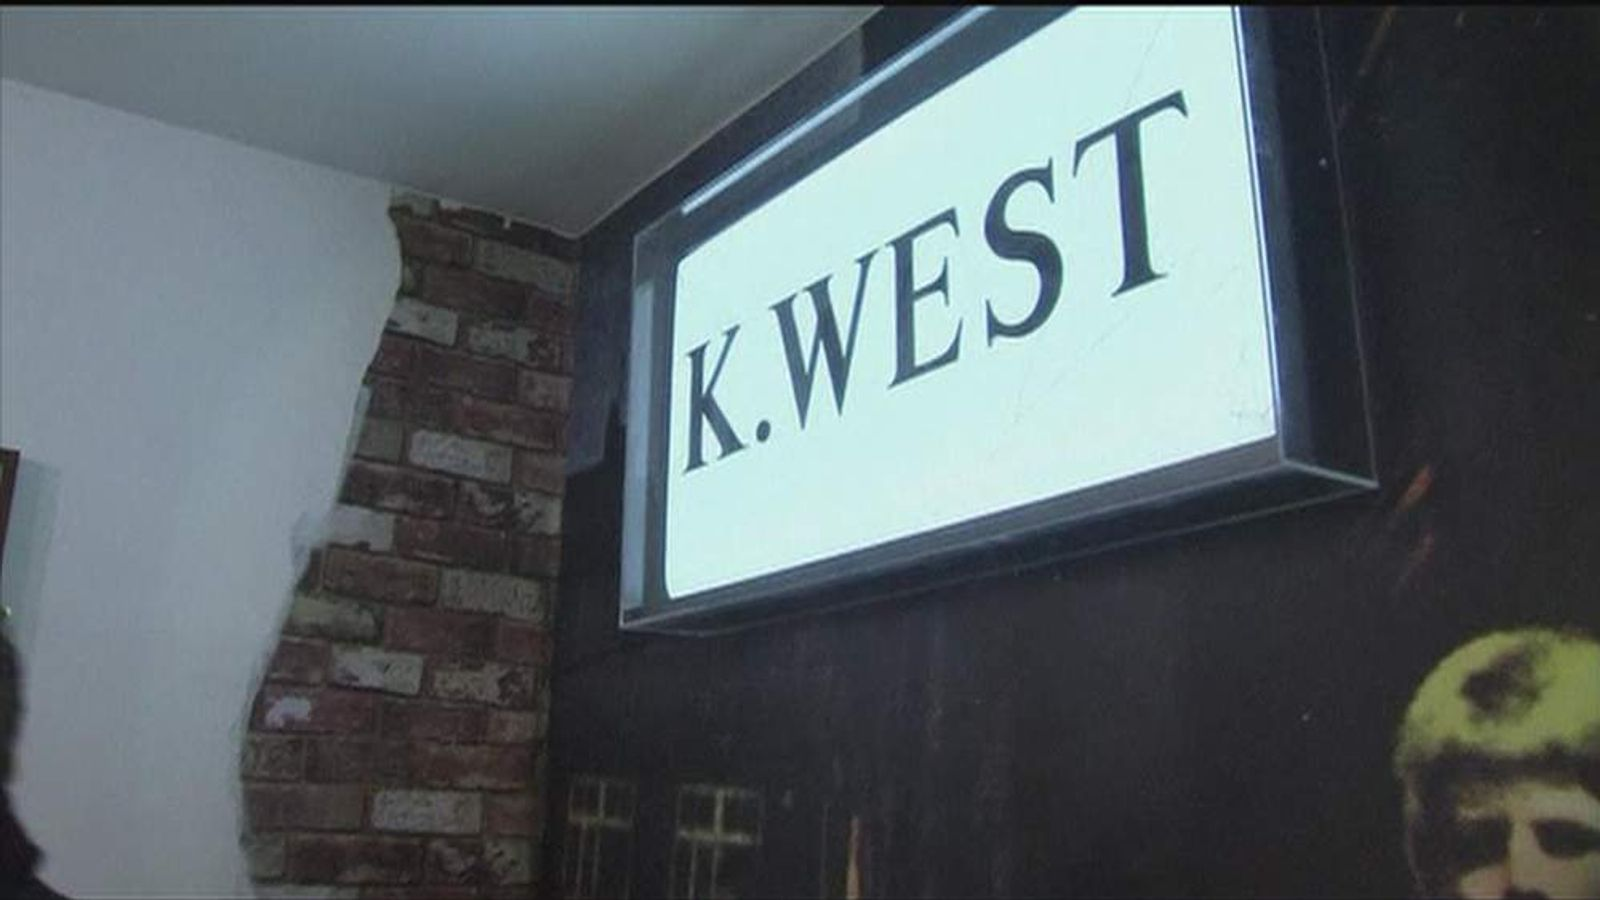 K.West sign